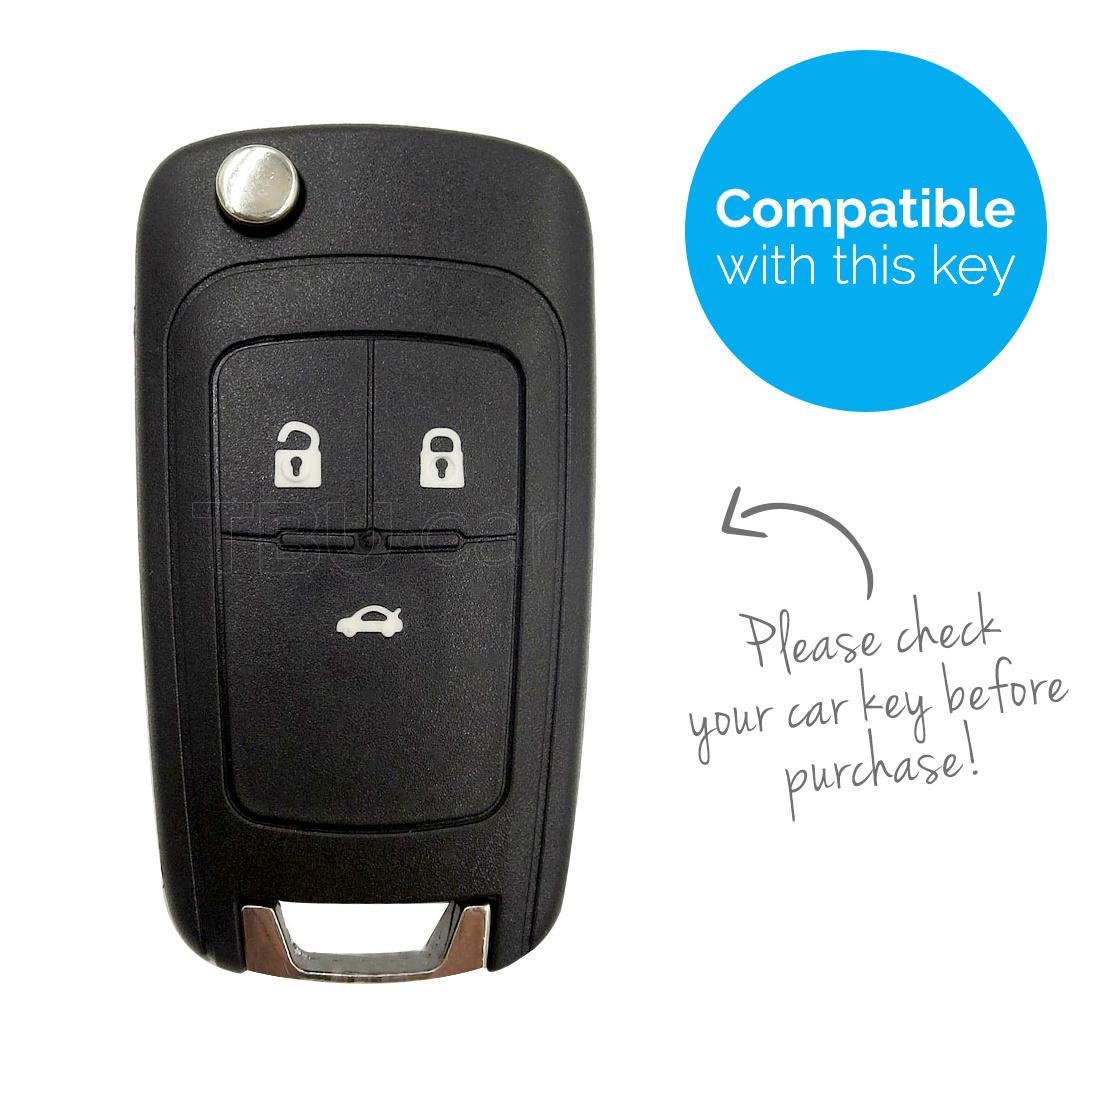 TBU car TBU car Funda Carcasa llave compatible con Chevrolet - Funda de Silicona - Cover de Llave Coche - Negro